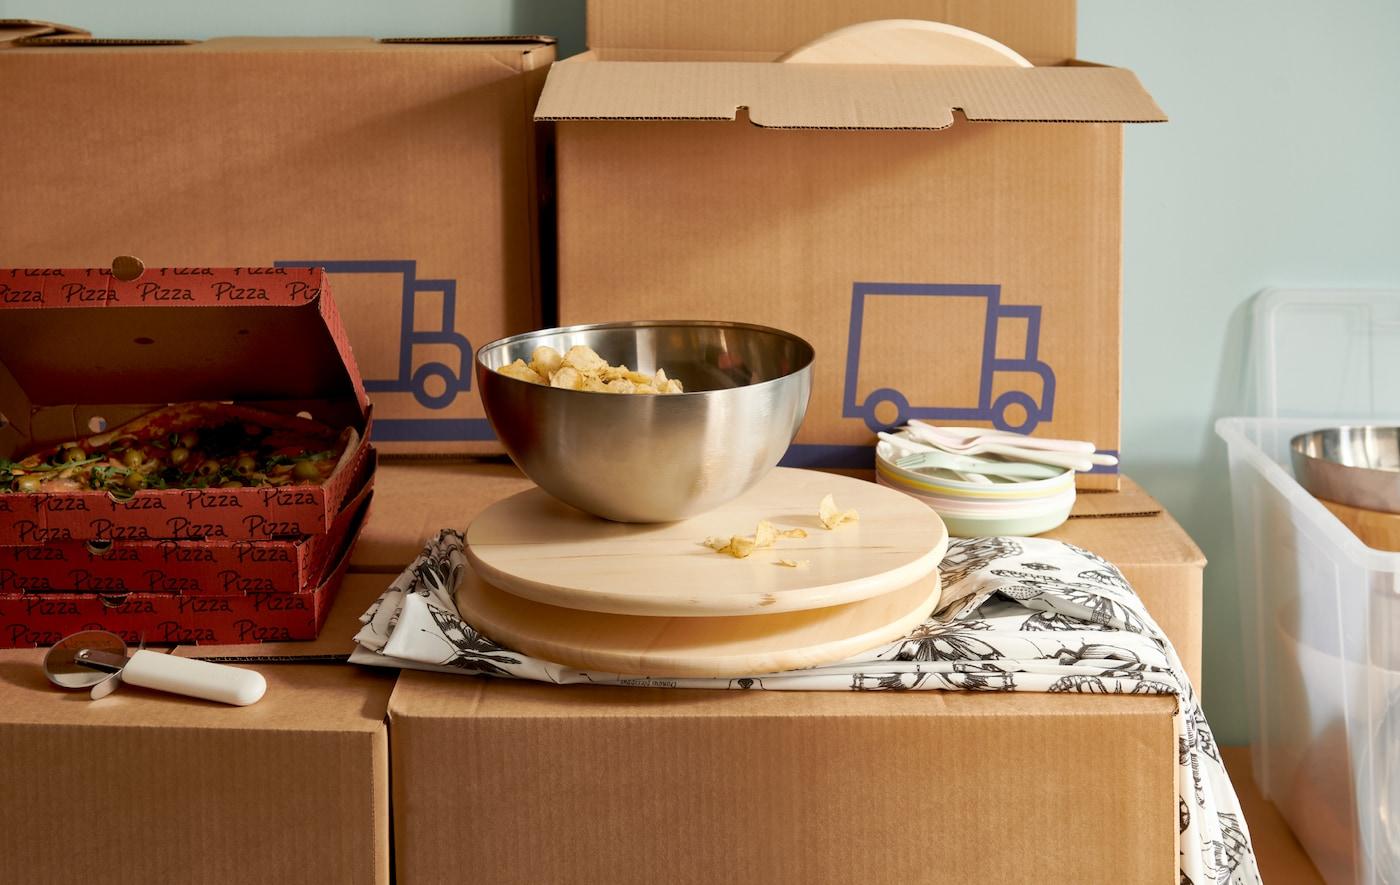 Bakker med pizza og en drejebakke med snacks i en BLANDA BLANK skål. Det hele står oven på en stak JÄTTENE flyttekasser.